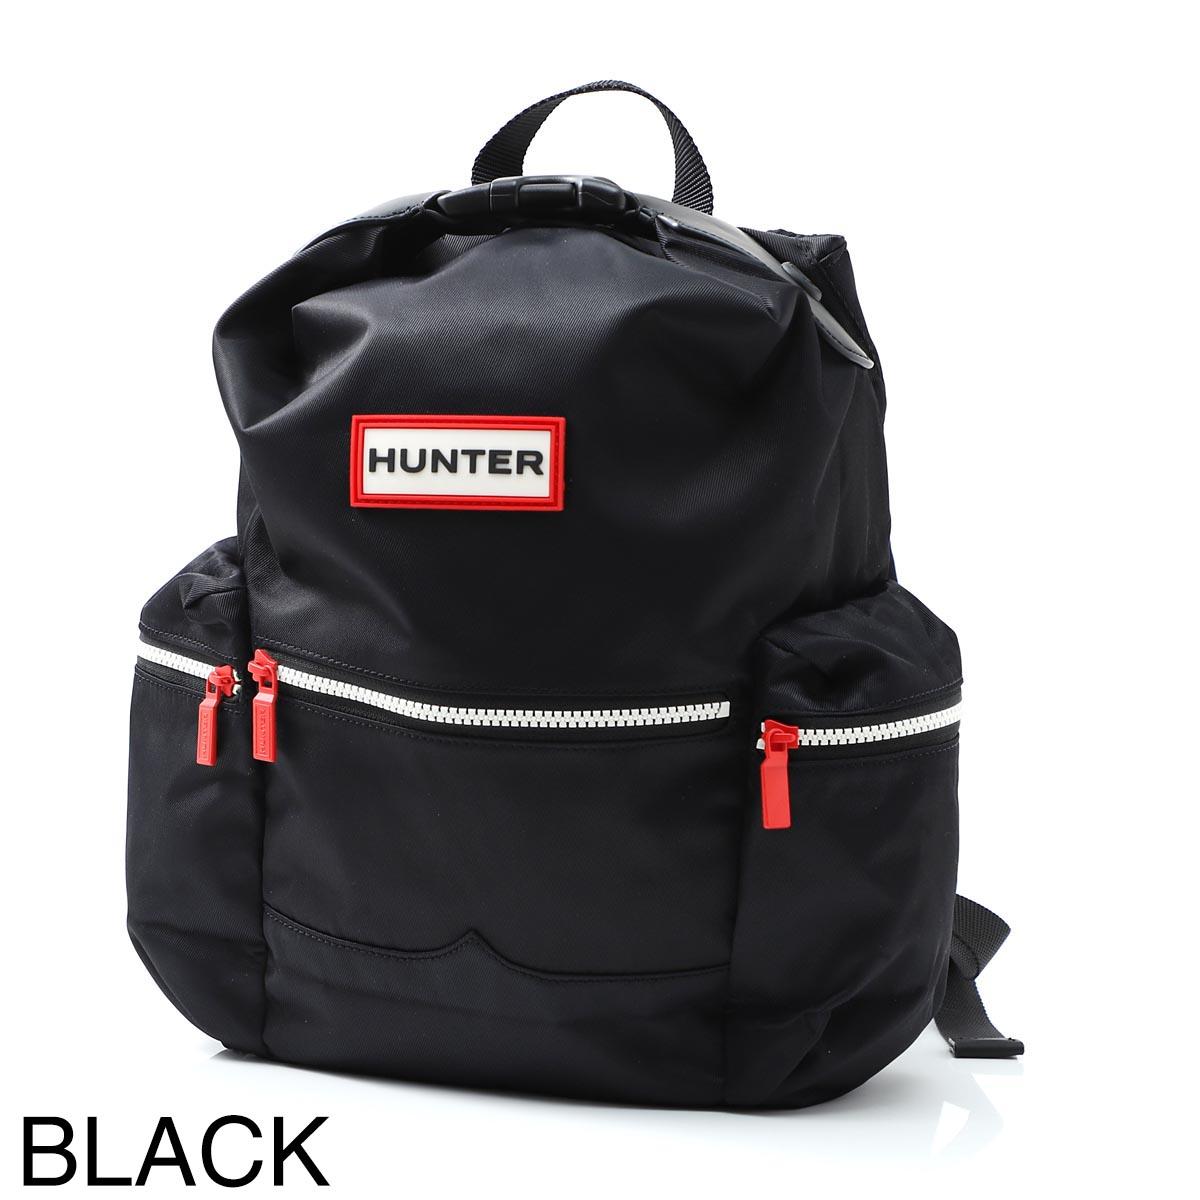 【タイムセール】HUNTER ハンター バックパック/リュックサック/ORIGINAL M TOPCLIP BACKPACK NYLON メンズ